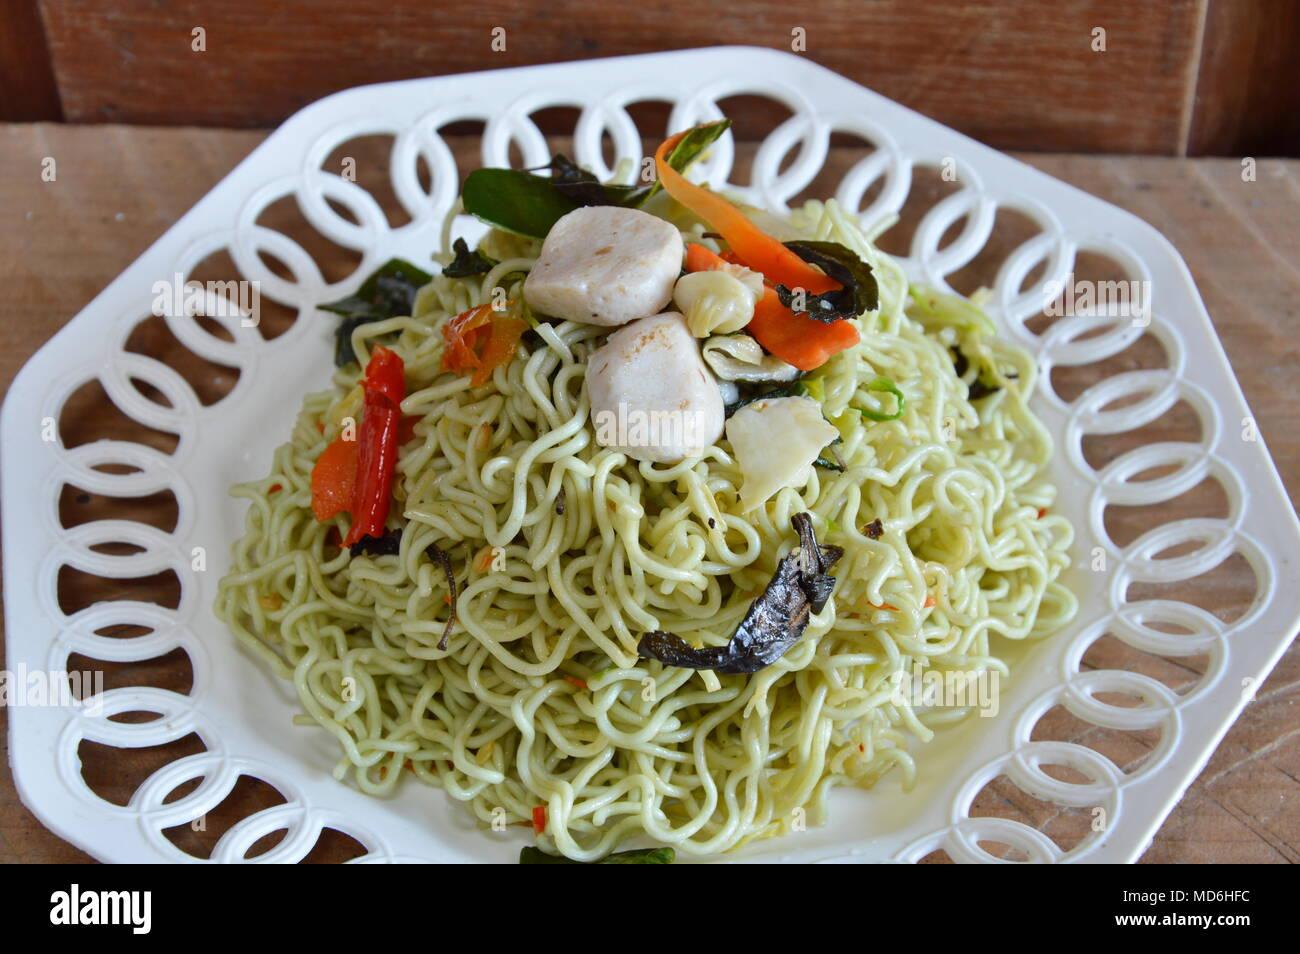 stir-fried vegetarian instant noodle on dish - Stock Image